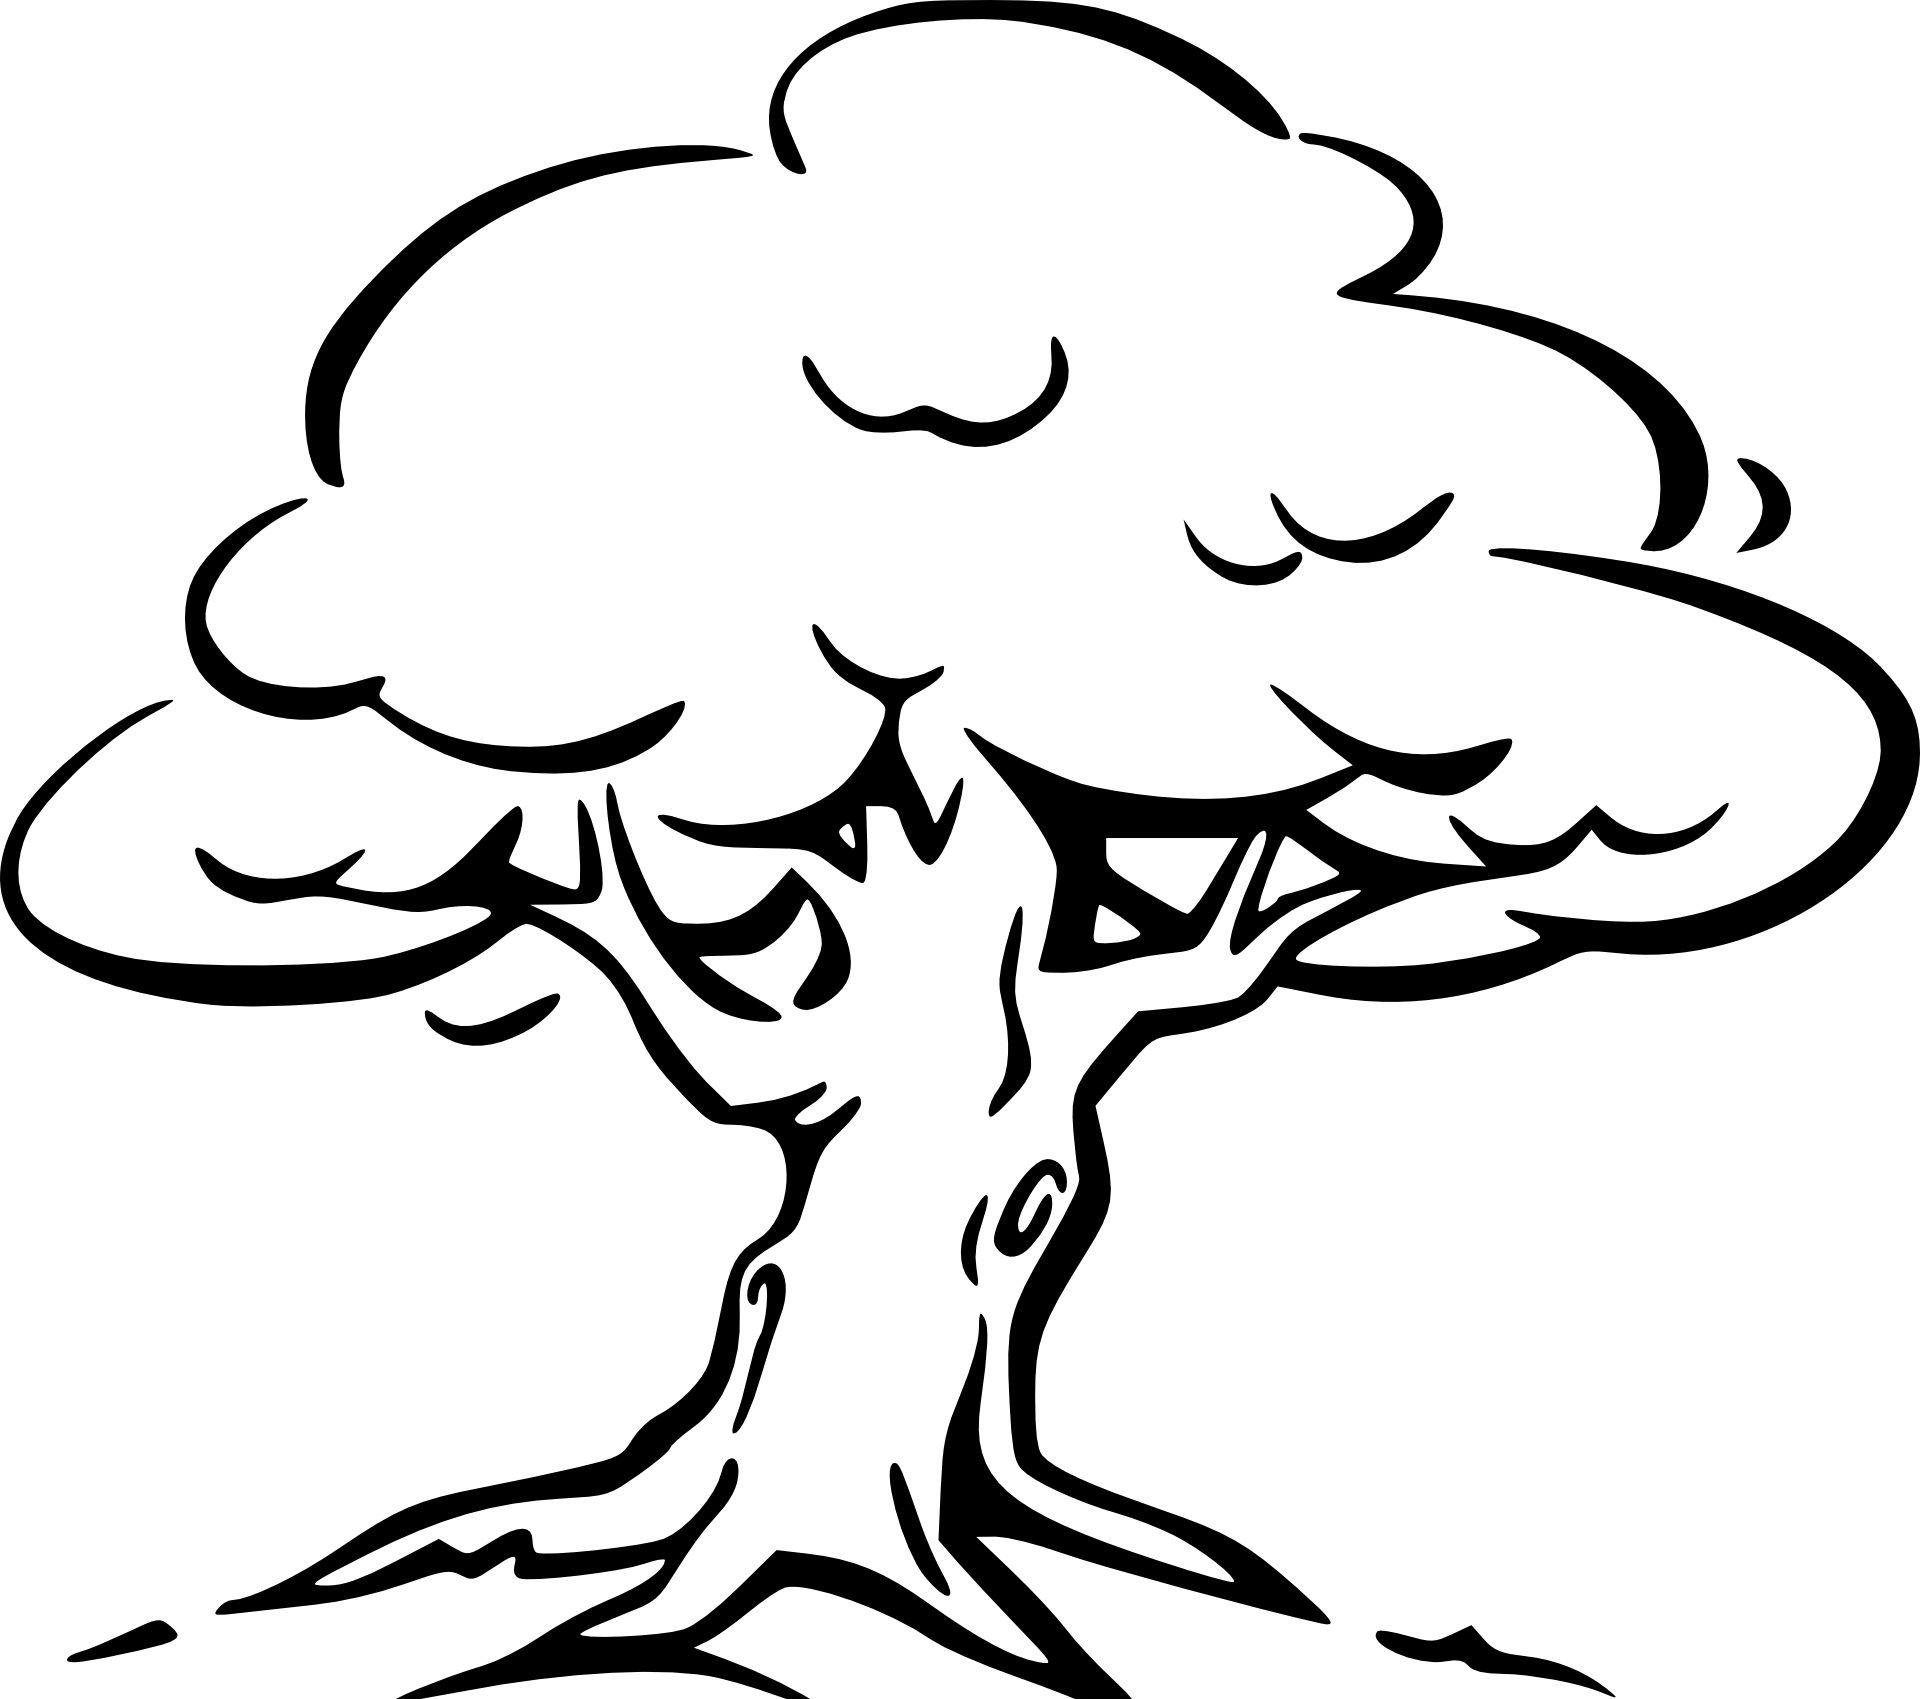 Malvorlage Baum Mit Ästen - 1Ausmalbilder ganzes Malvorlage Baum Mit Ästen